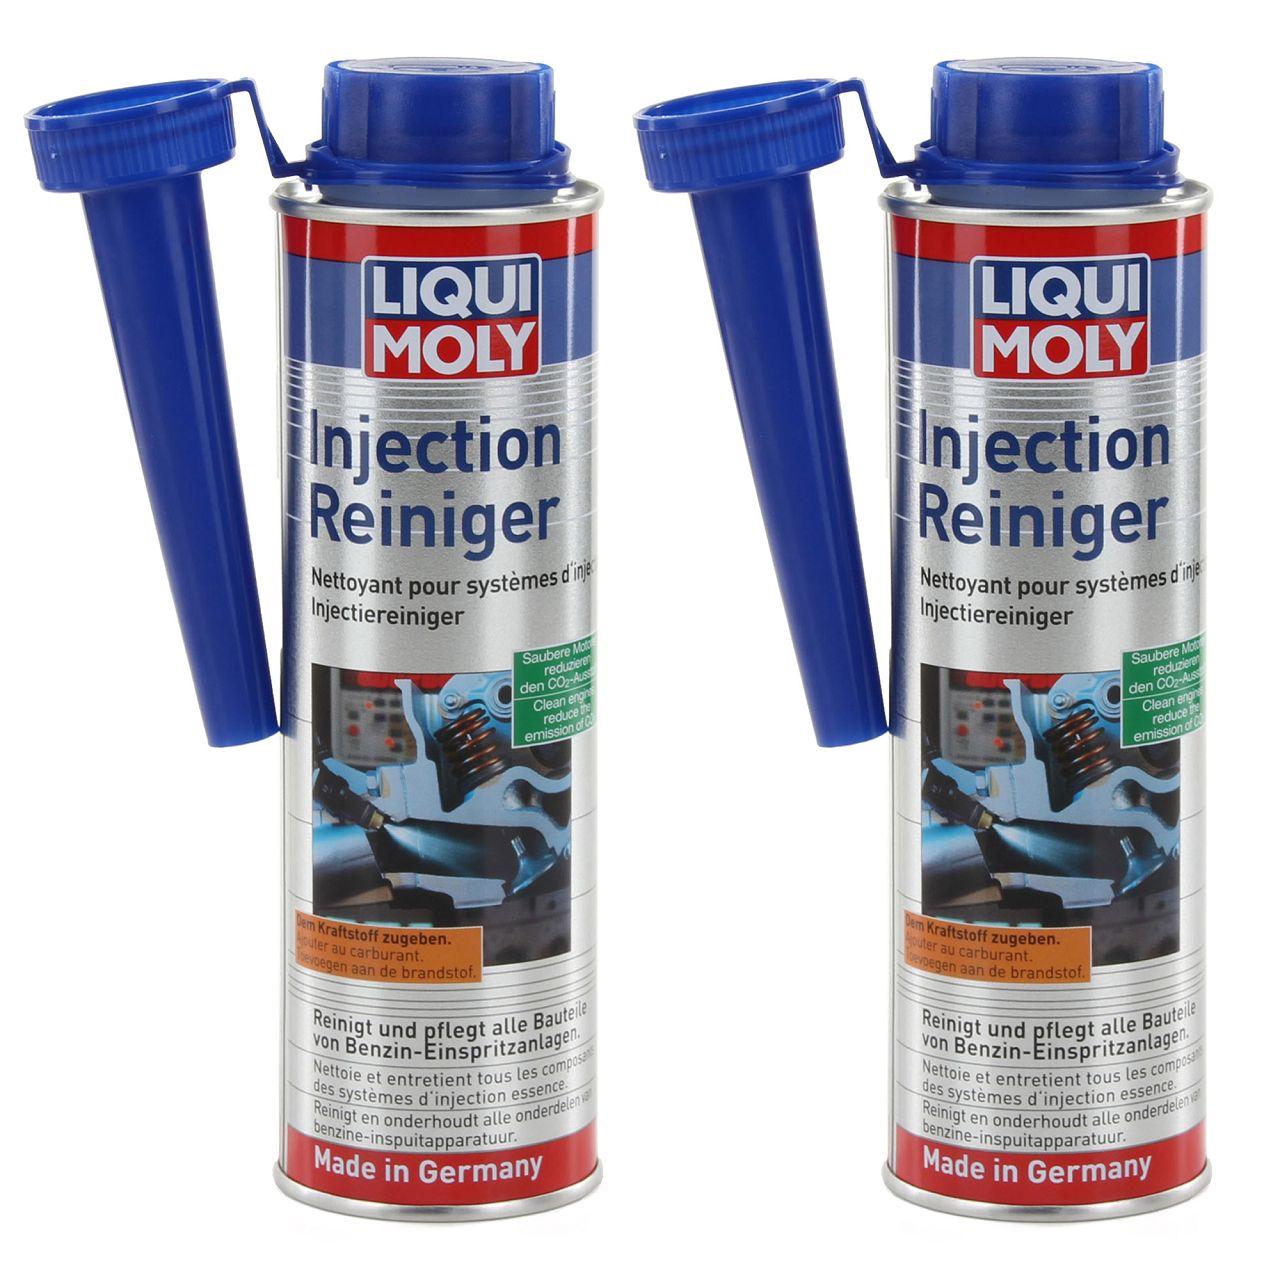 2x 300ml LIQUI MOLY Injectionreiniger Benzin Einspritzanlagen Additiv 5110